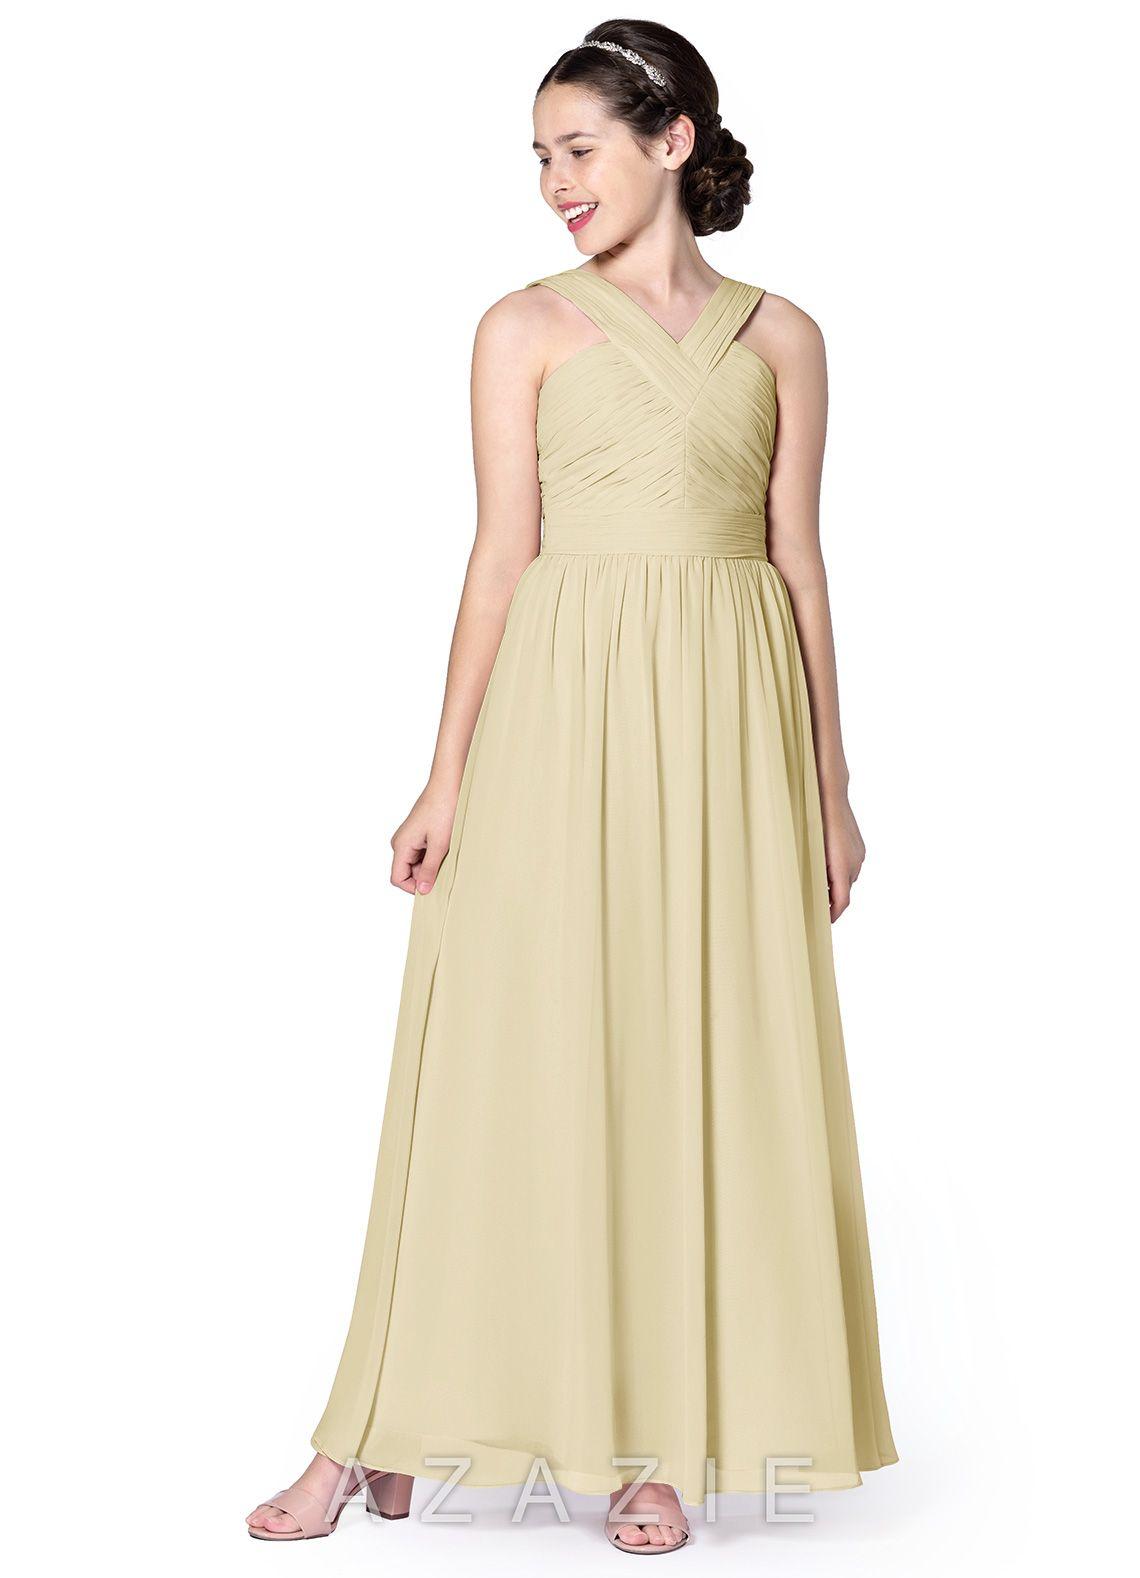 156a75d20 Azazie Londyn JBD Junior Bridesmaid Dress | Azazie